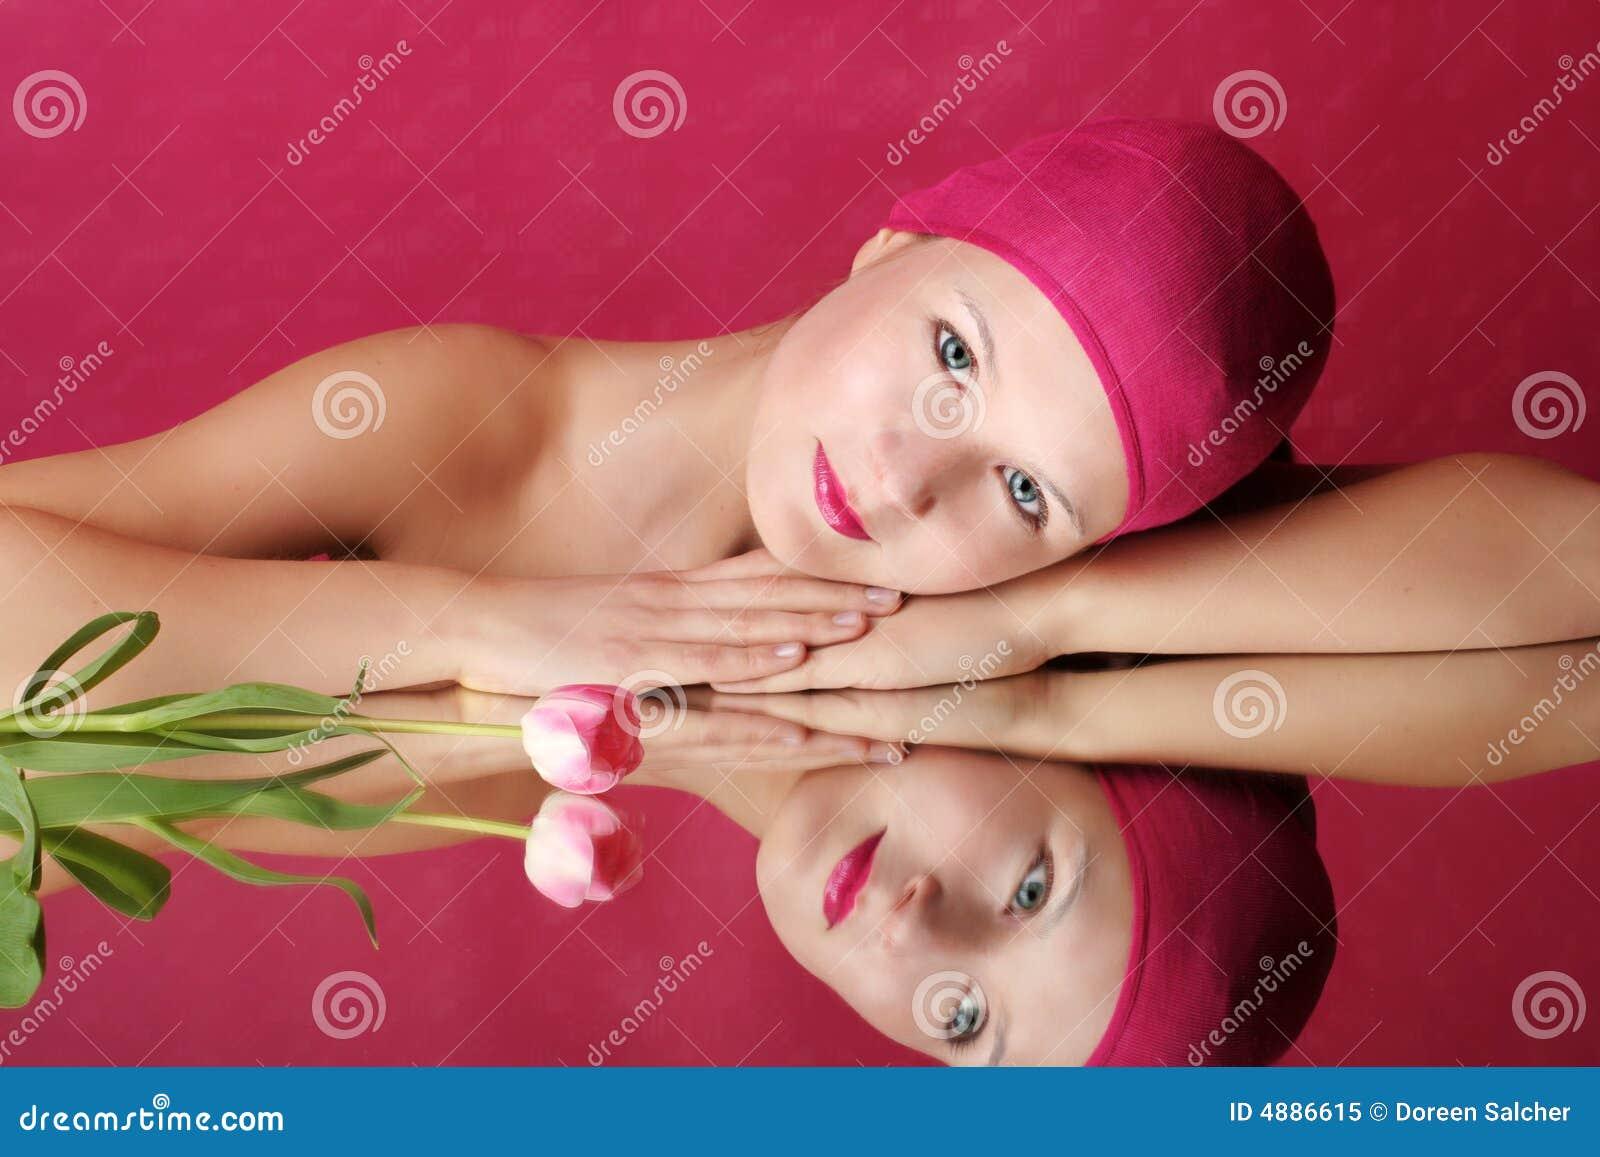 Beauty portrait of a woman in pink